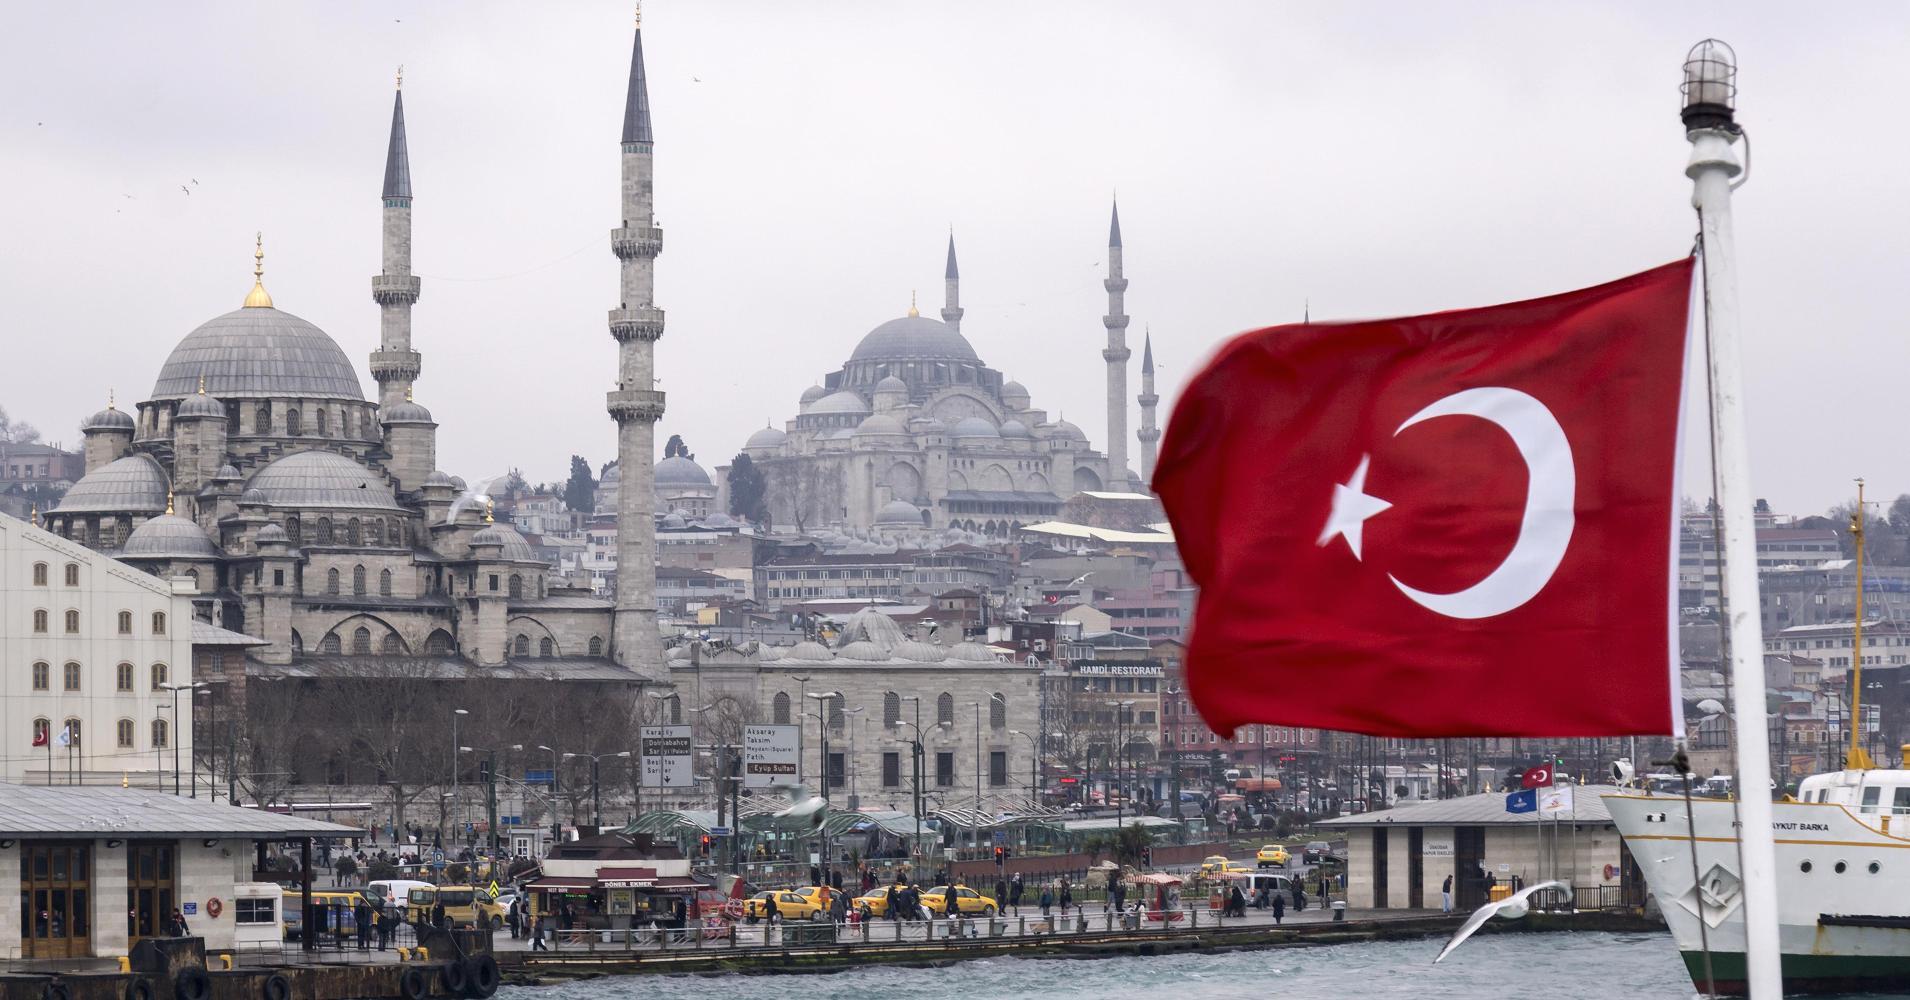 خبير تركيا يكتب التجارة في تركيا بدون مخاطرة وبدون خسائر عرب